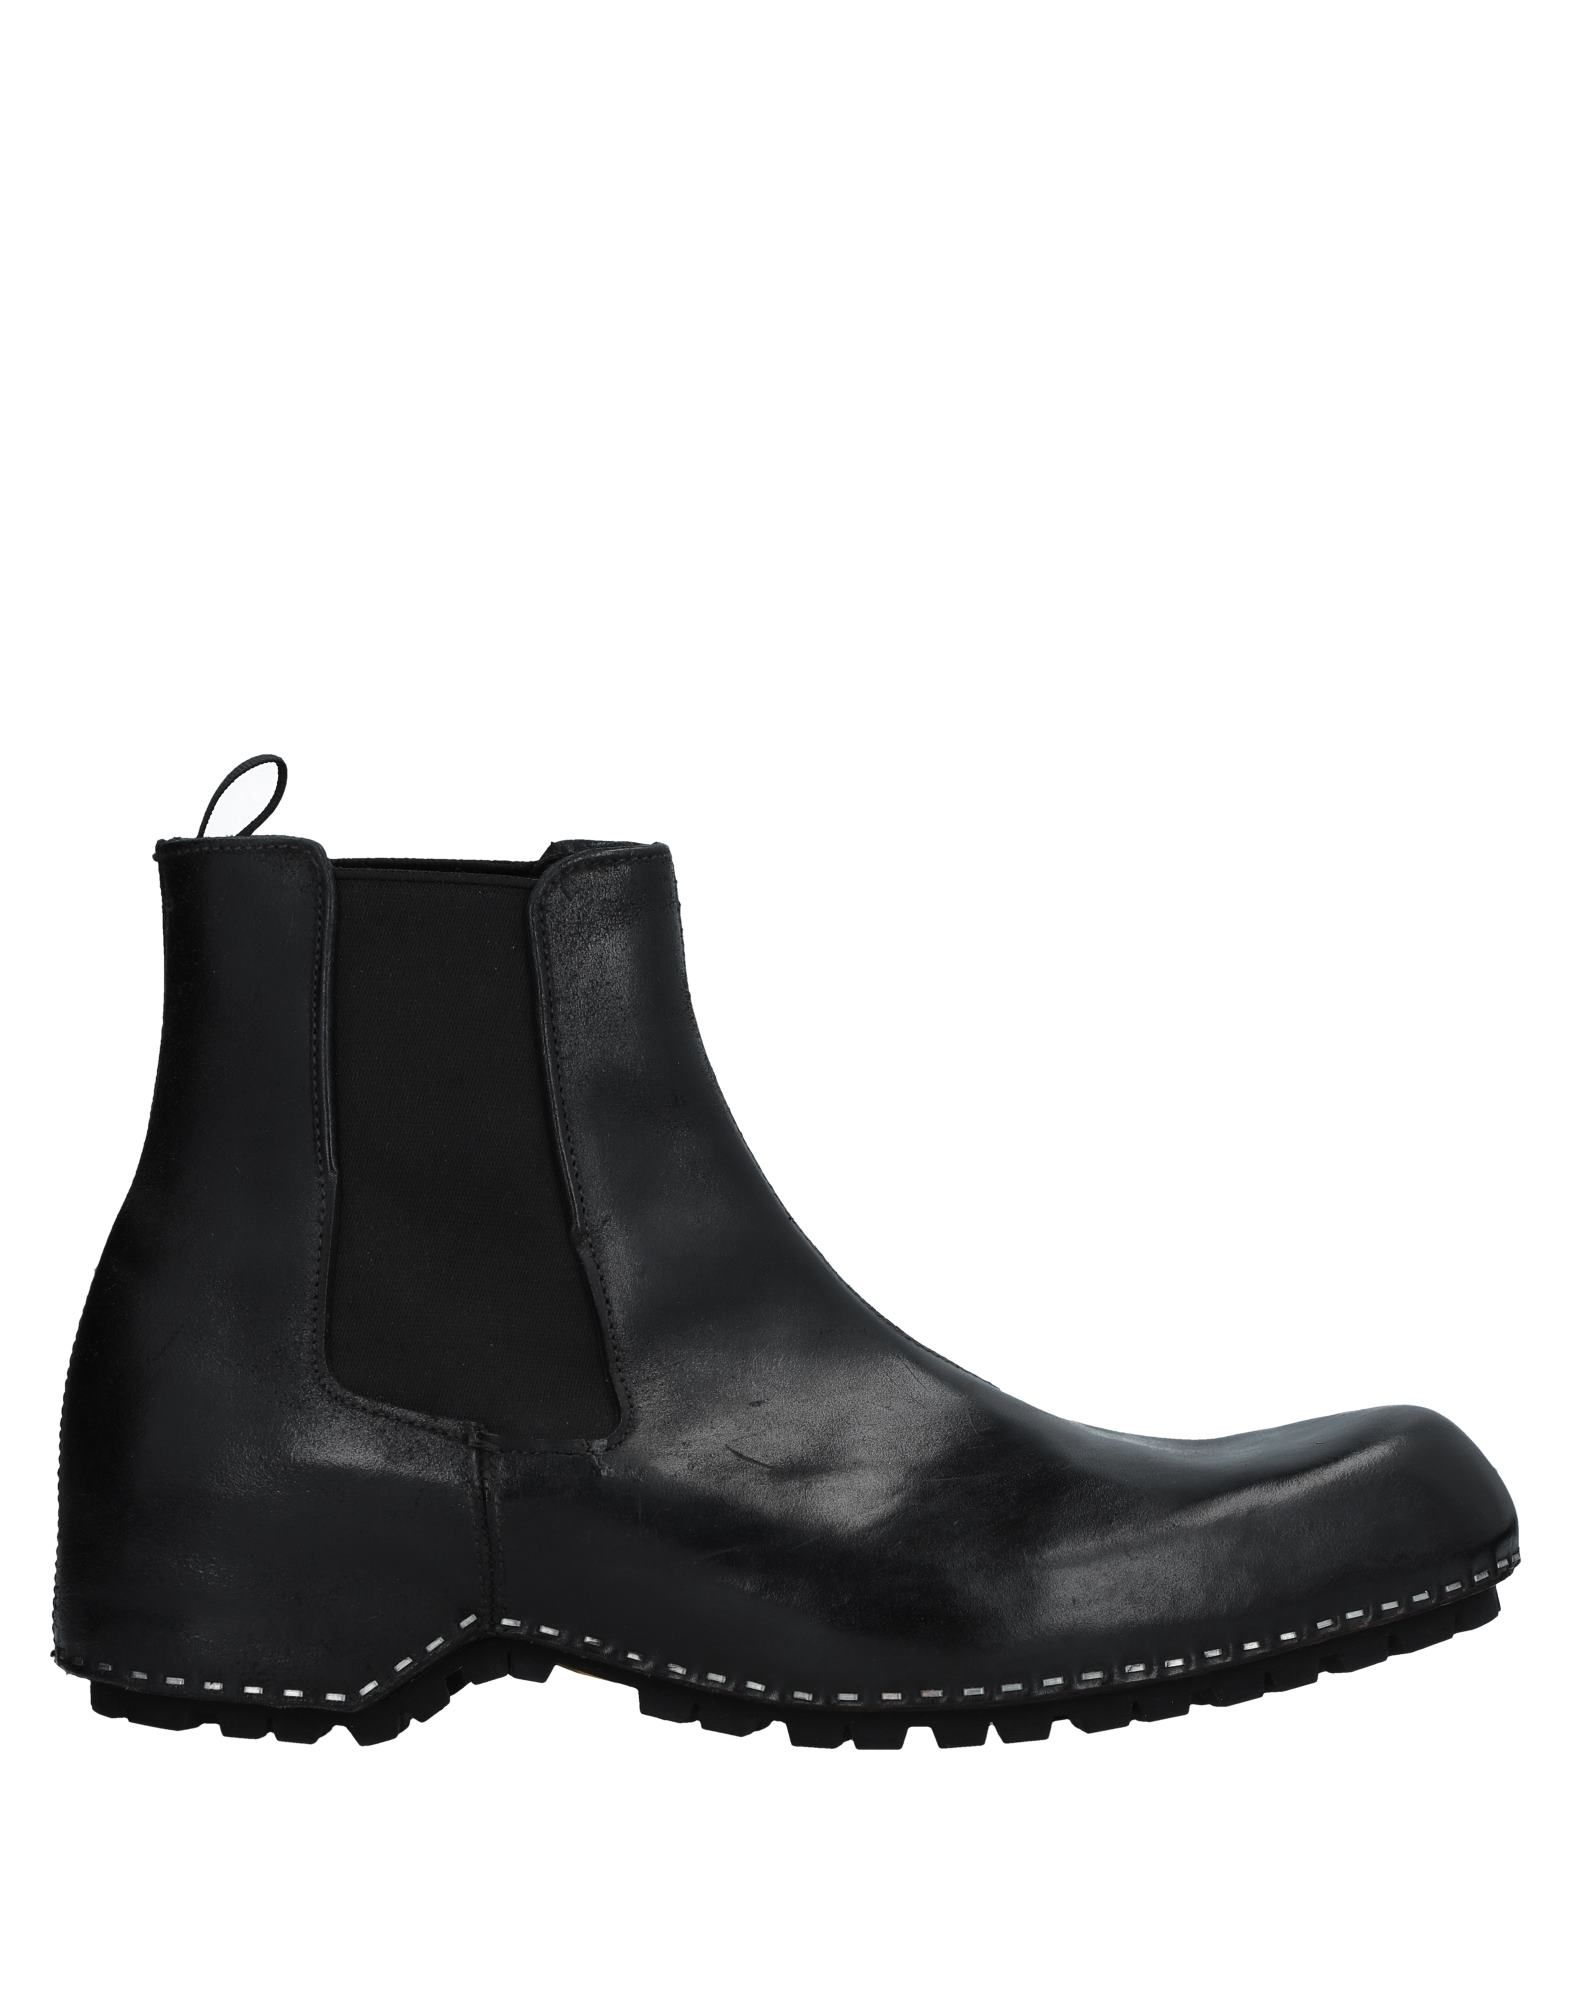 Premiata Stiefelette Herren  11530639ET Gute Qualität beliebte Schuhe